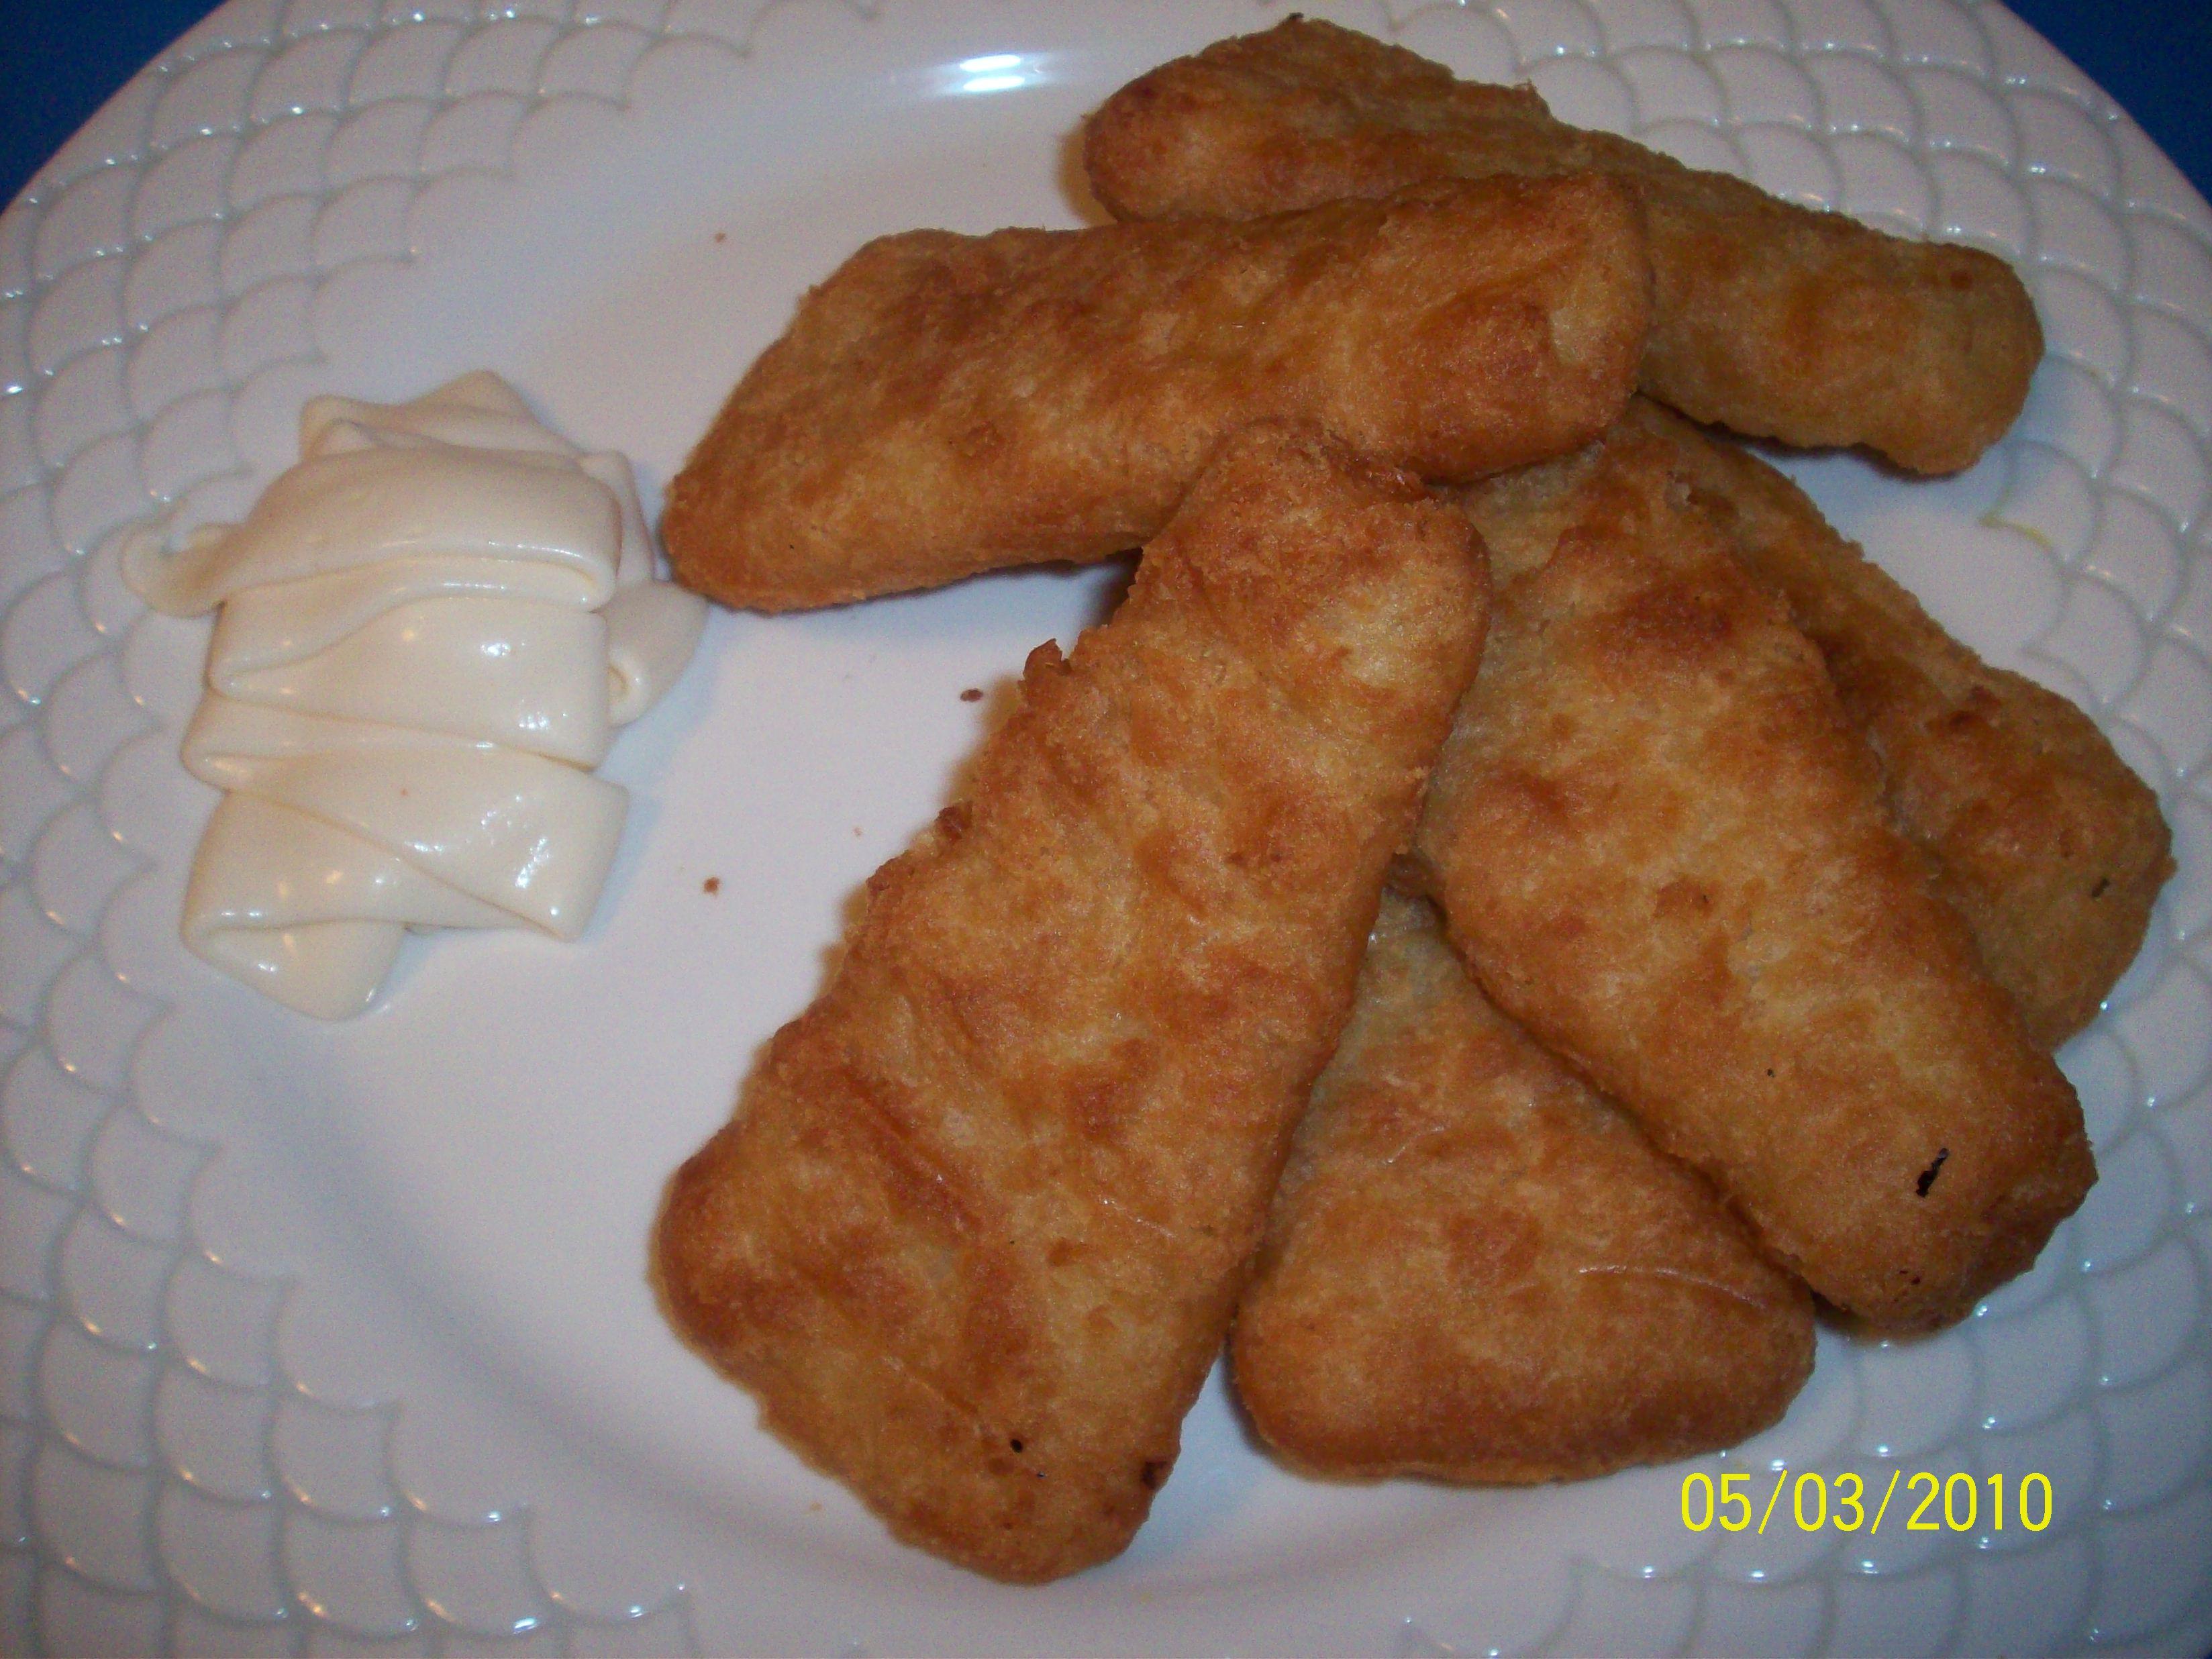 http://foodloader.net/cutie_2010-03-05_Fish_Fillet.jpg